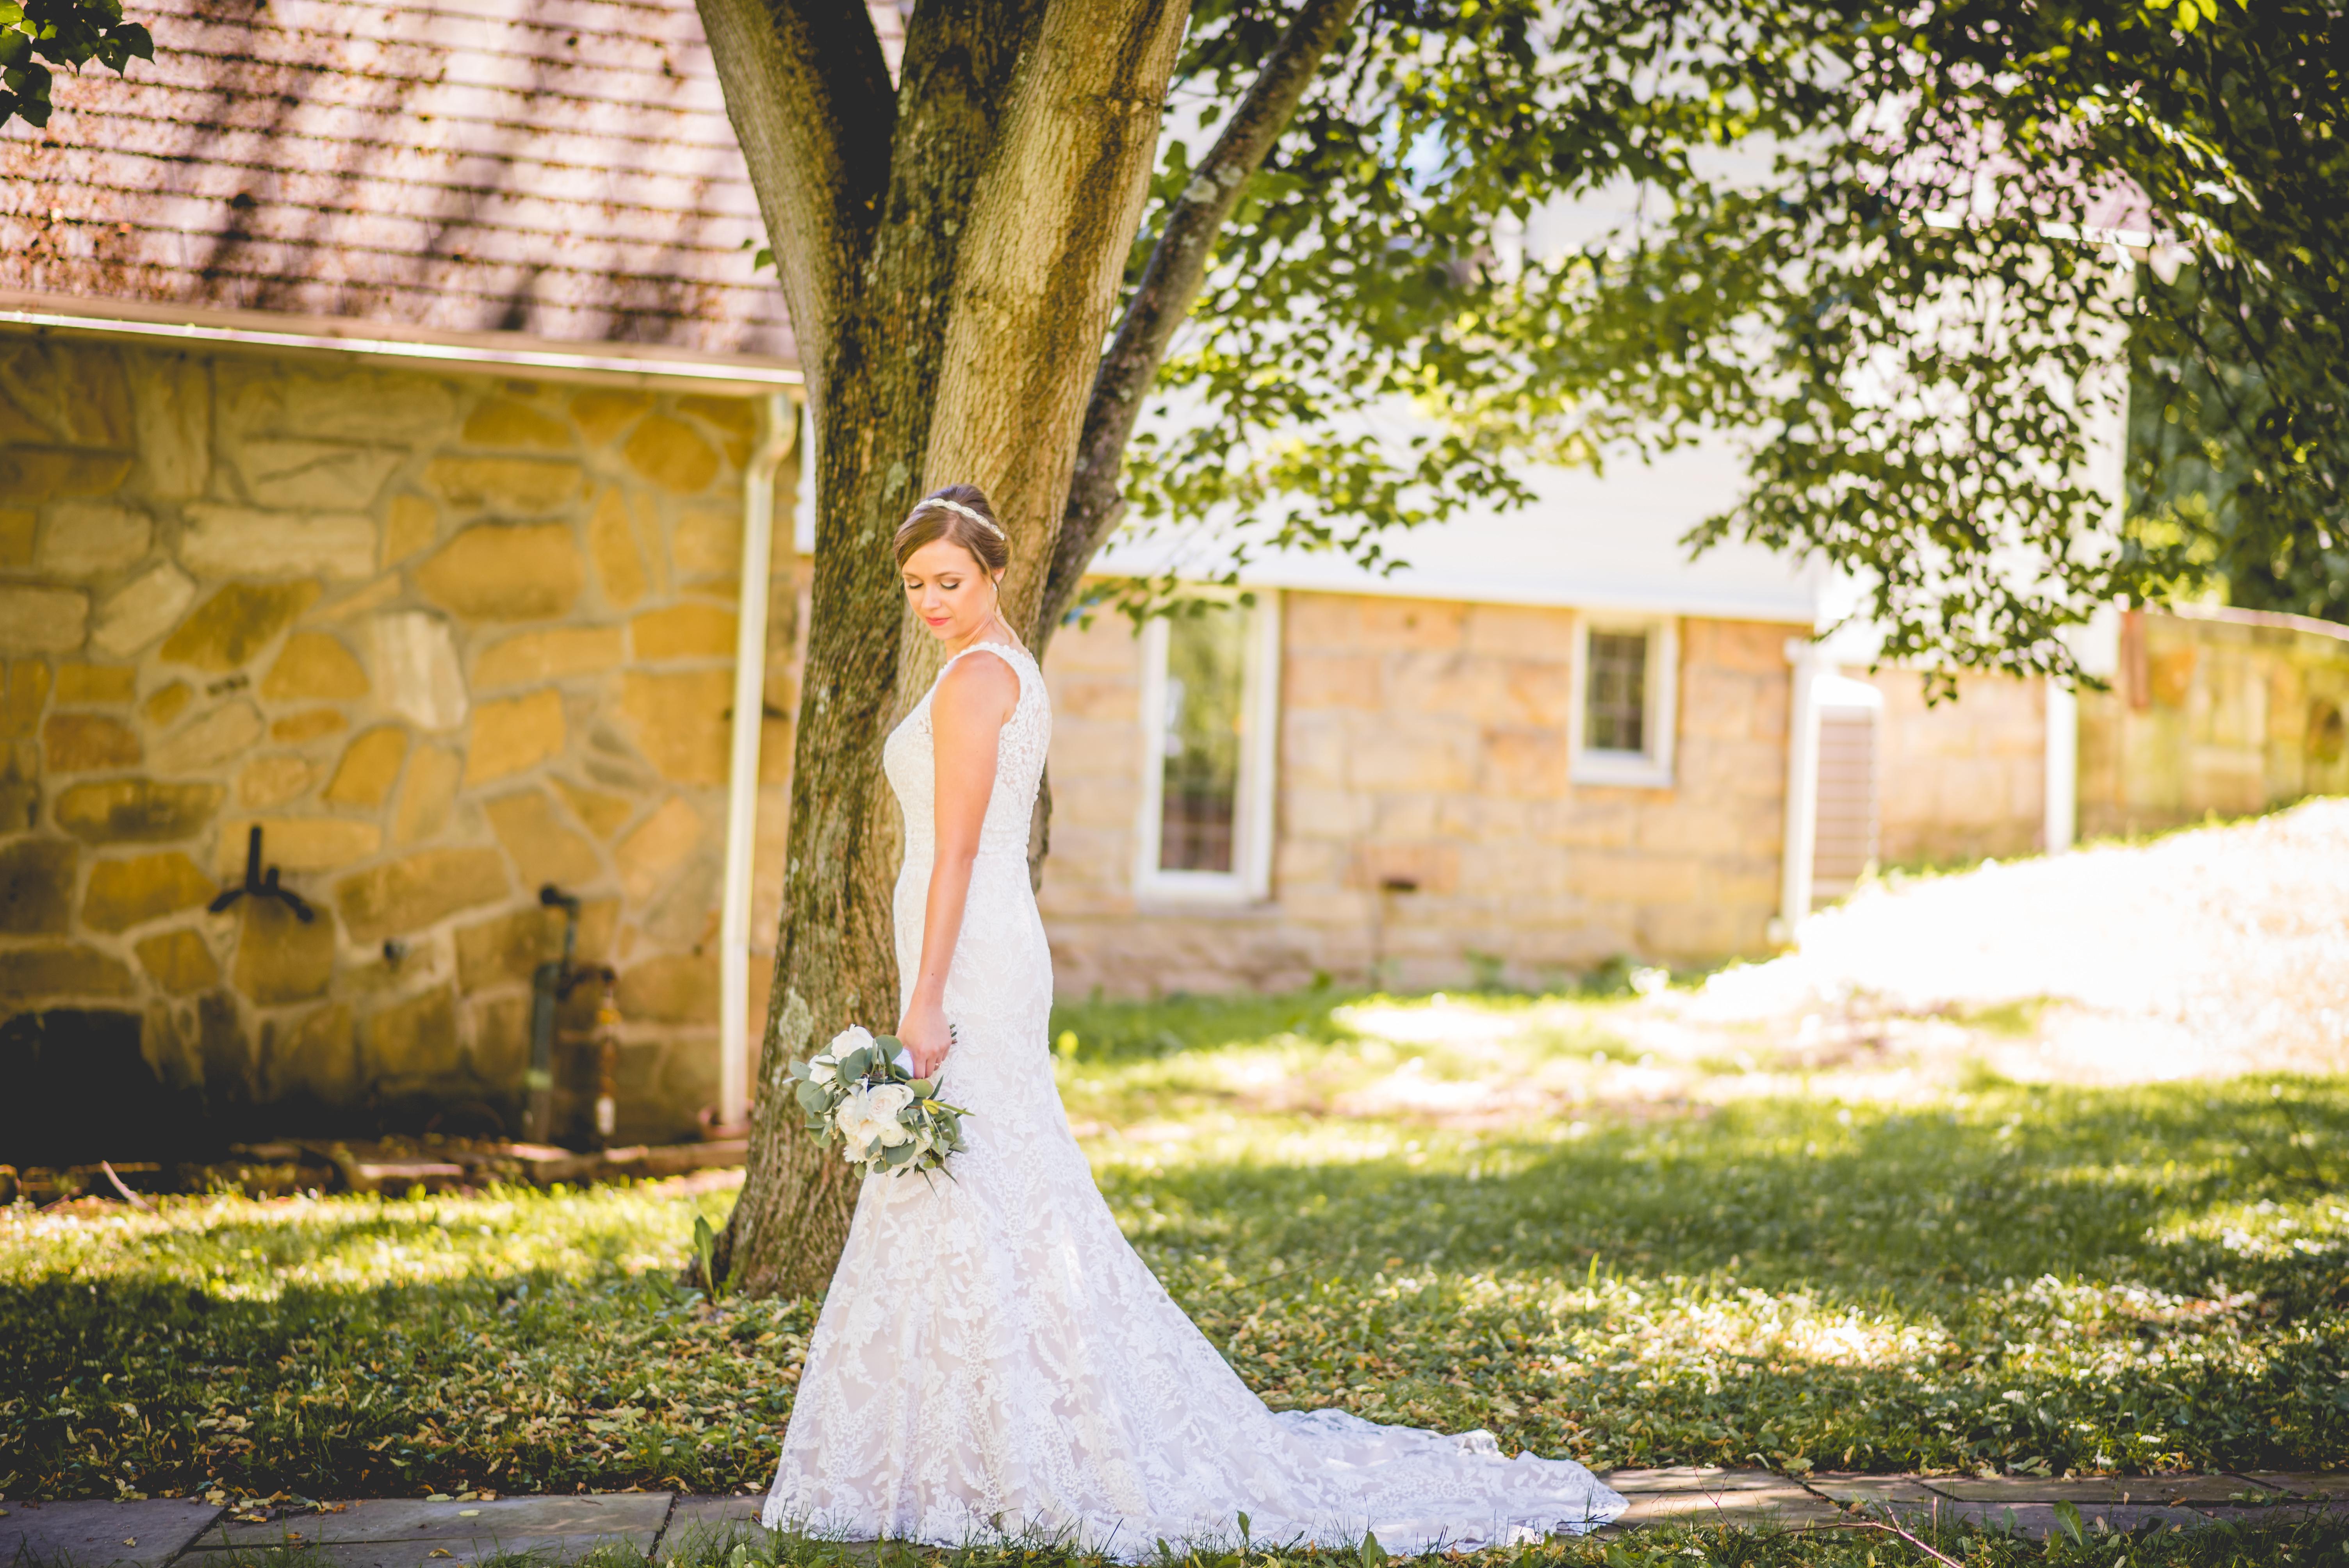 About Seasonal Wedding dress